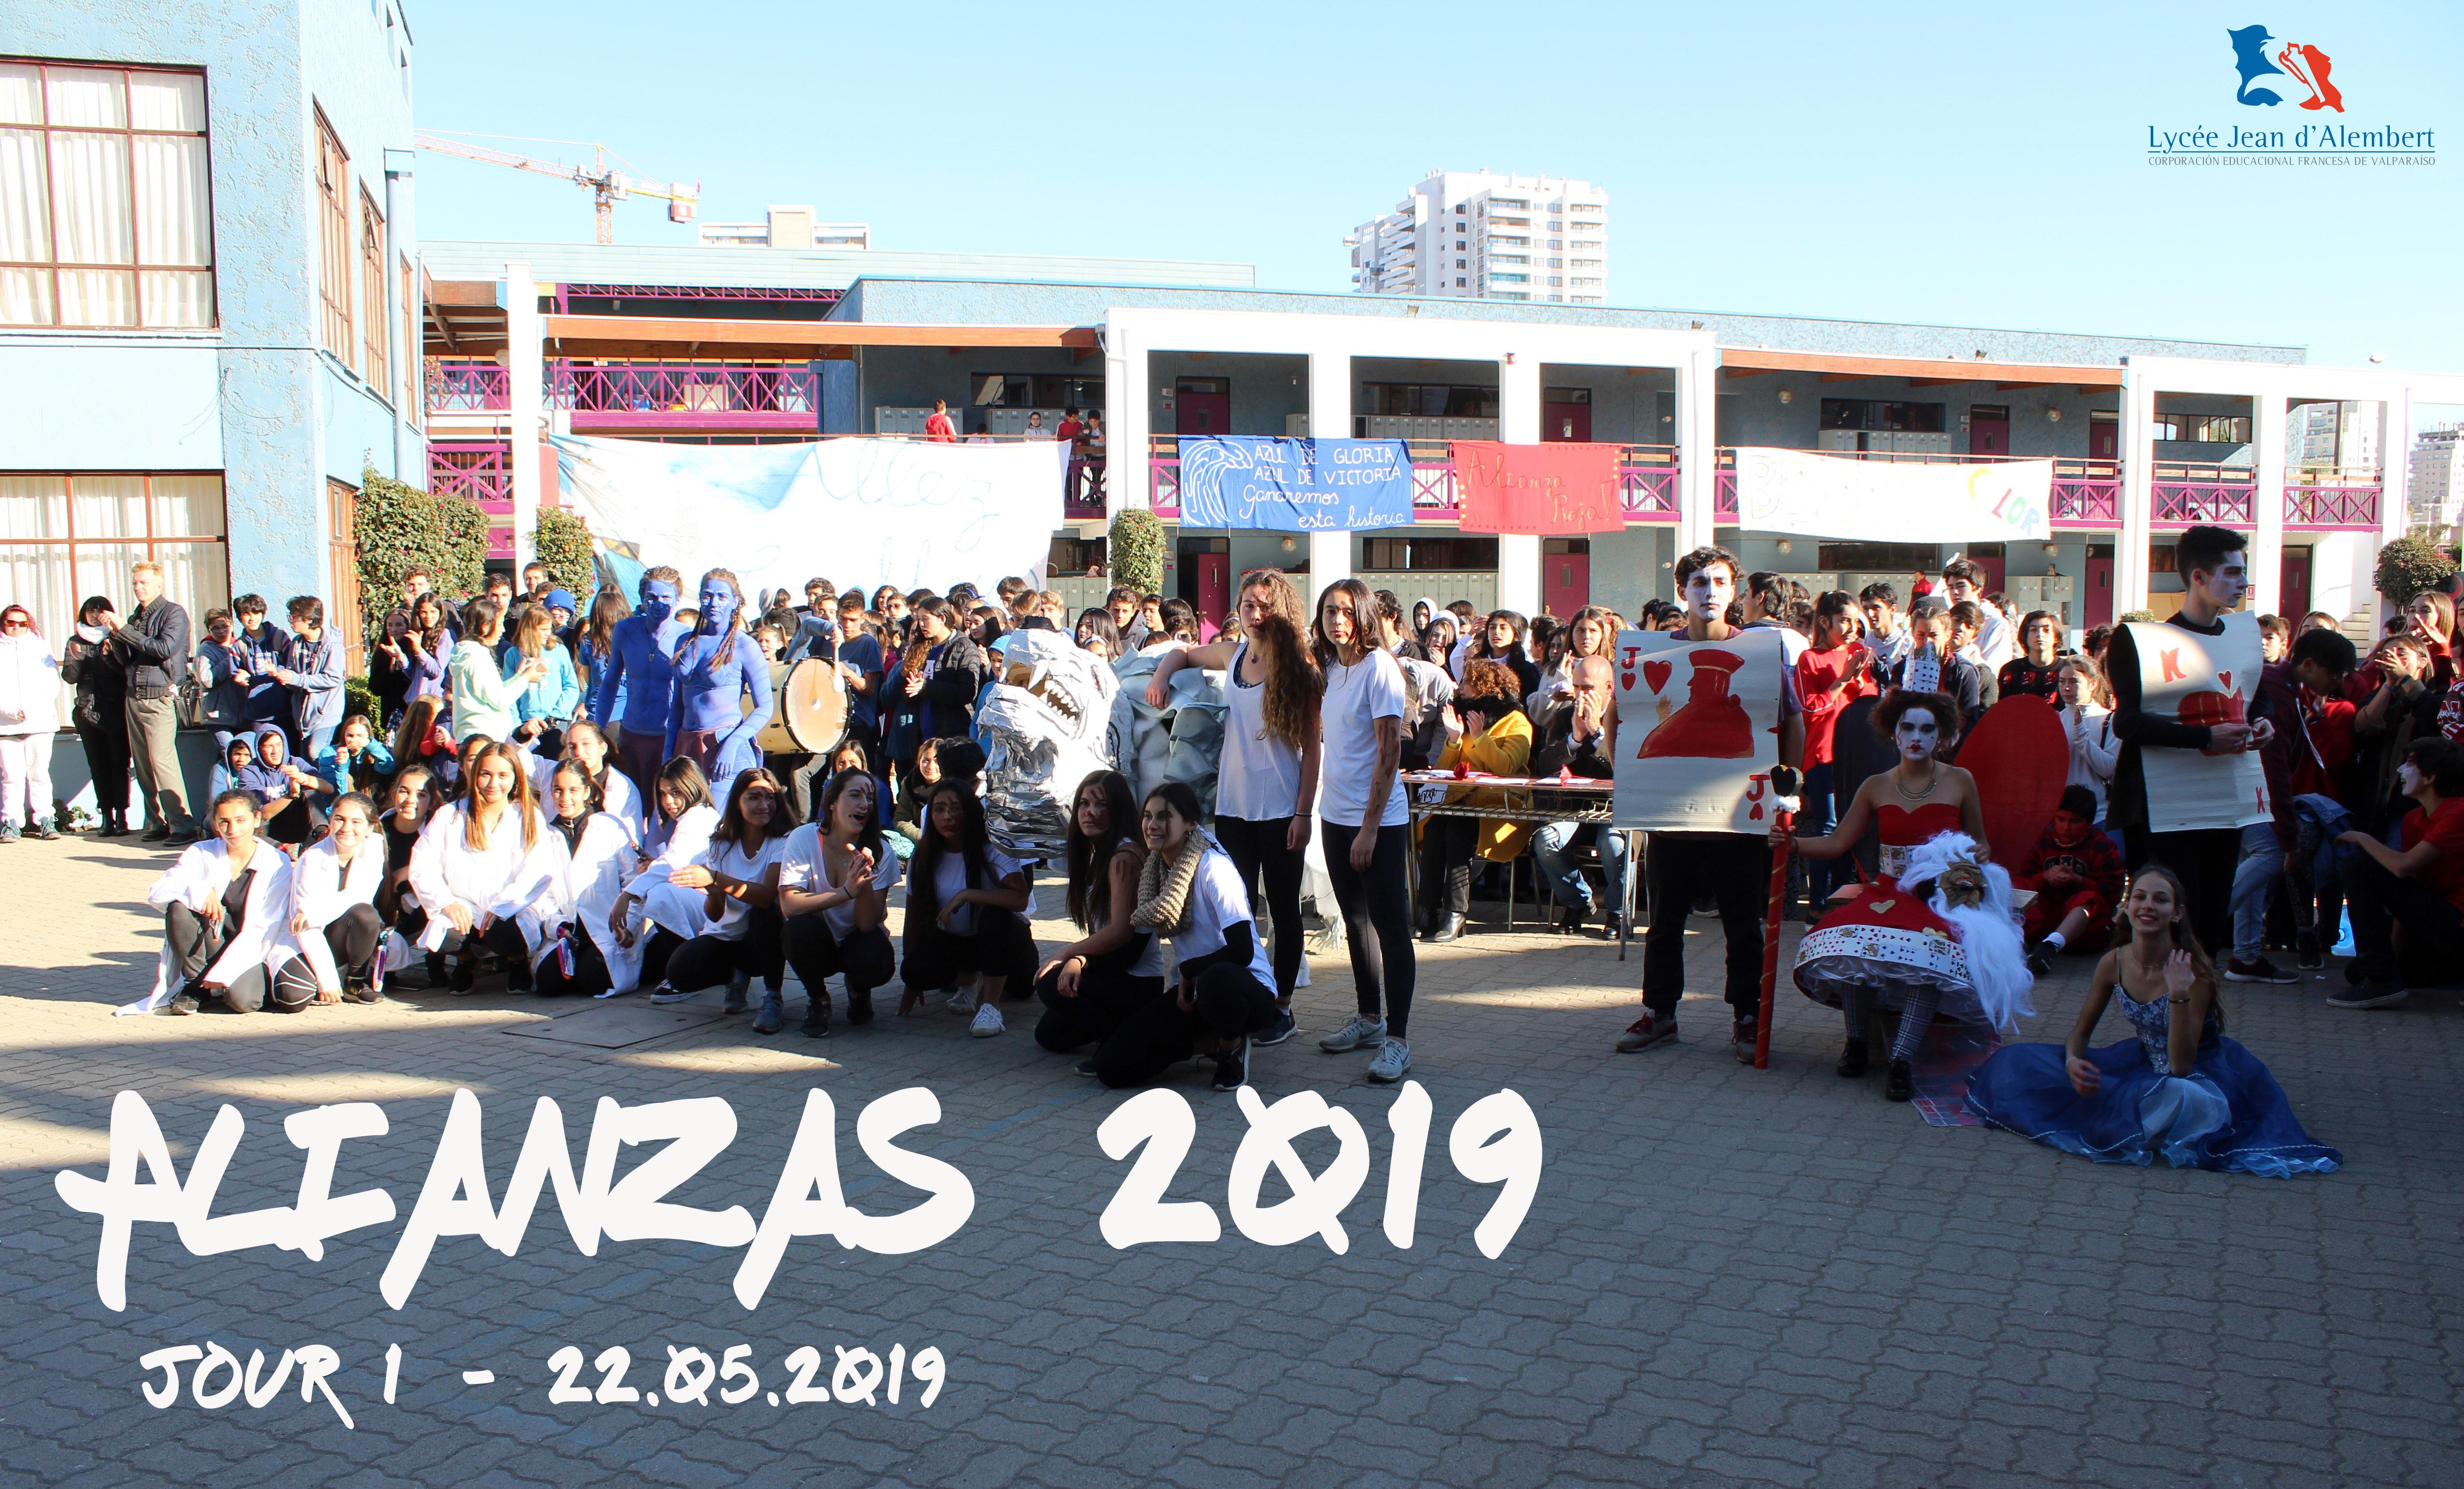 ALIANZAS 2019 - Résumé des trois jours d'activités